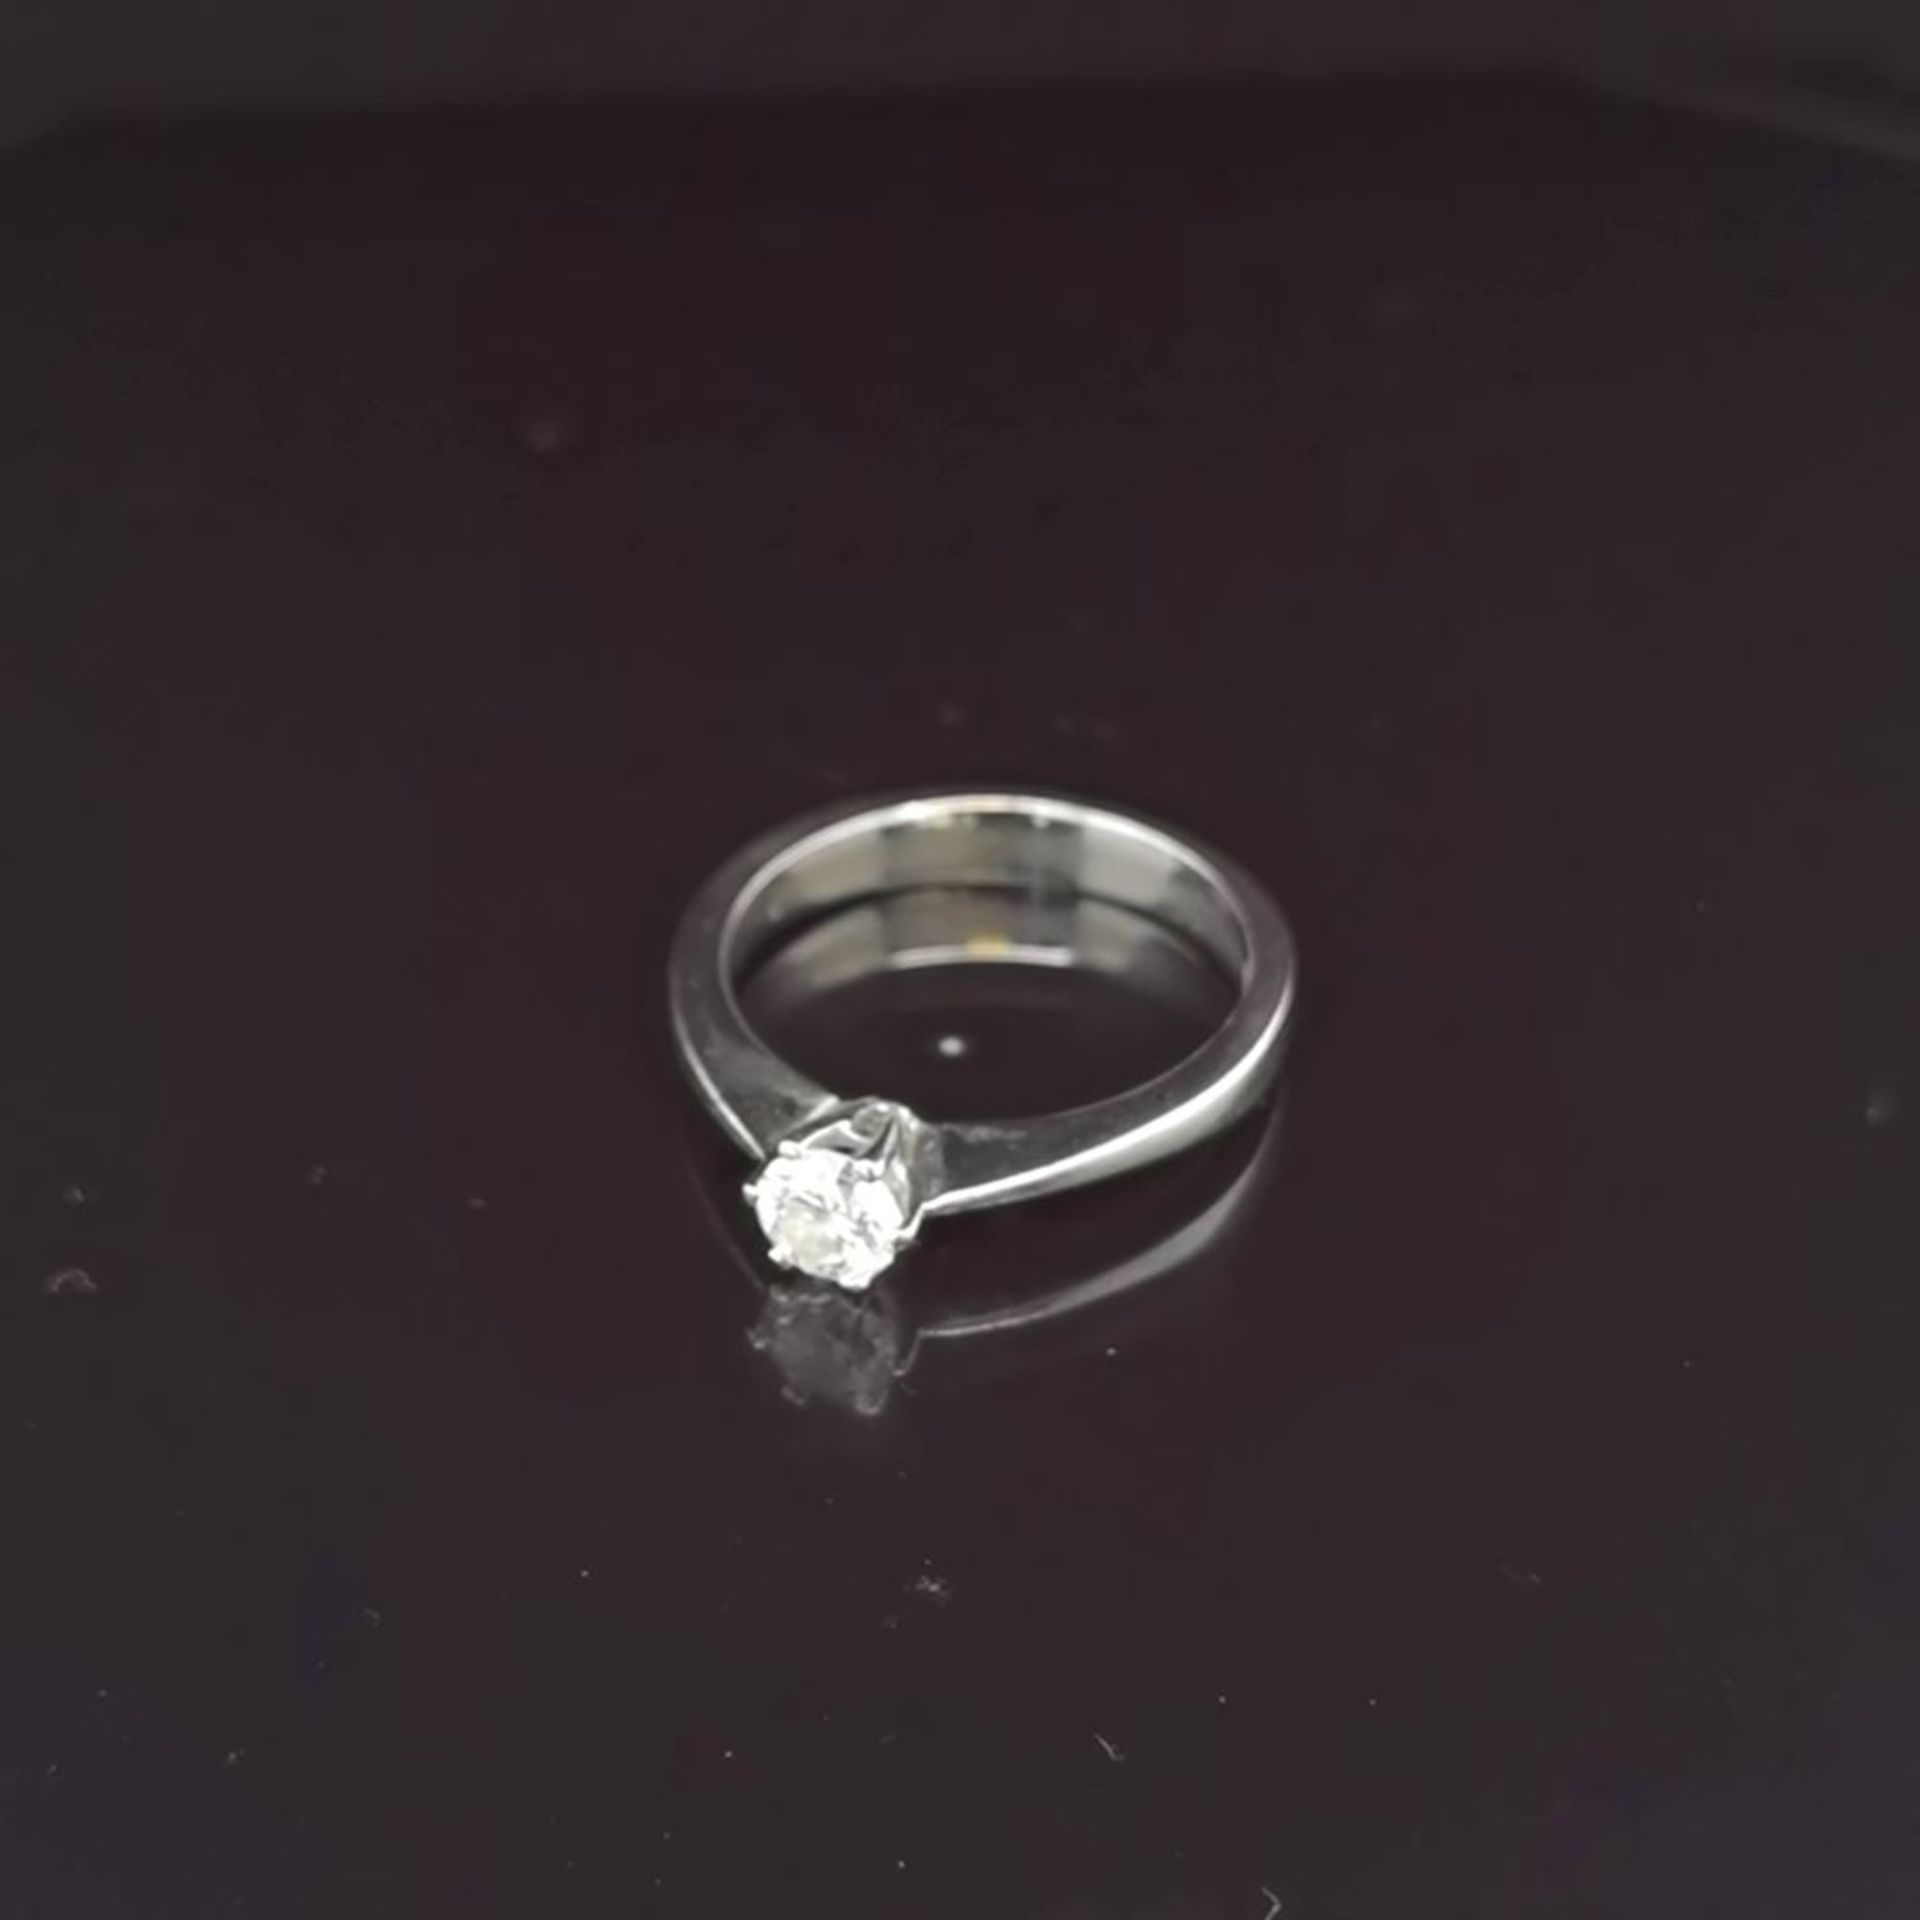 Brillant-Ring, 750 Weißgold 3,4